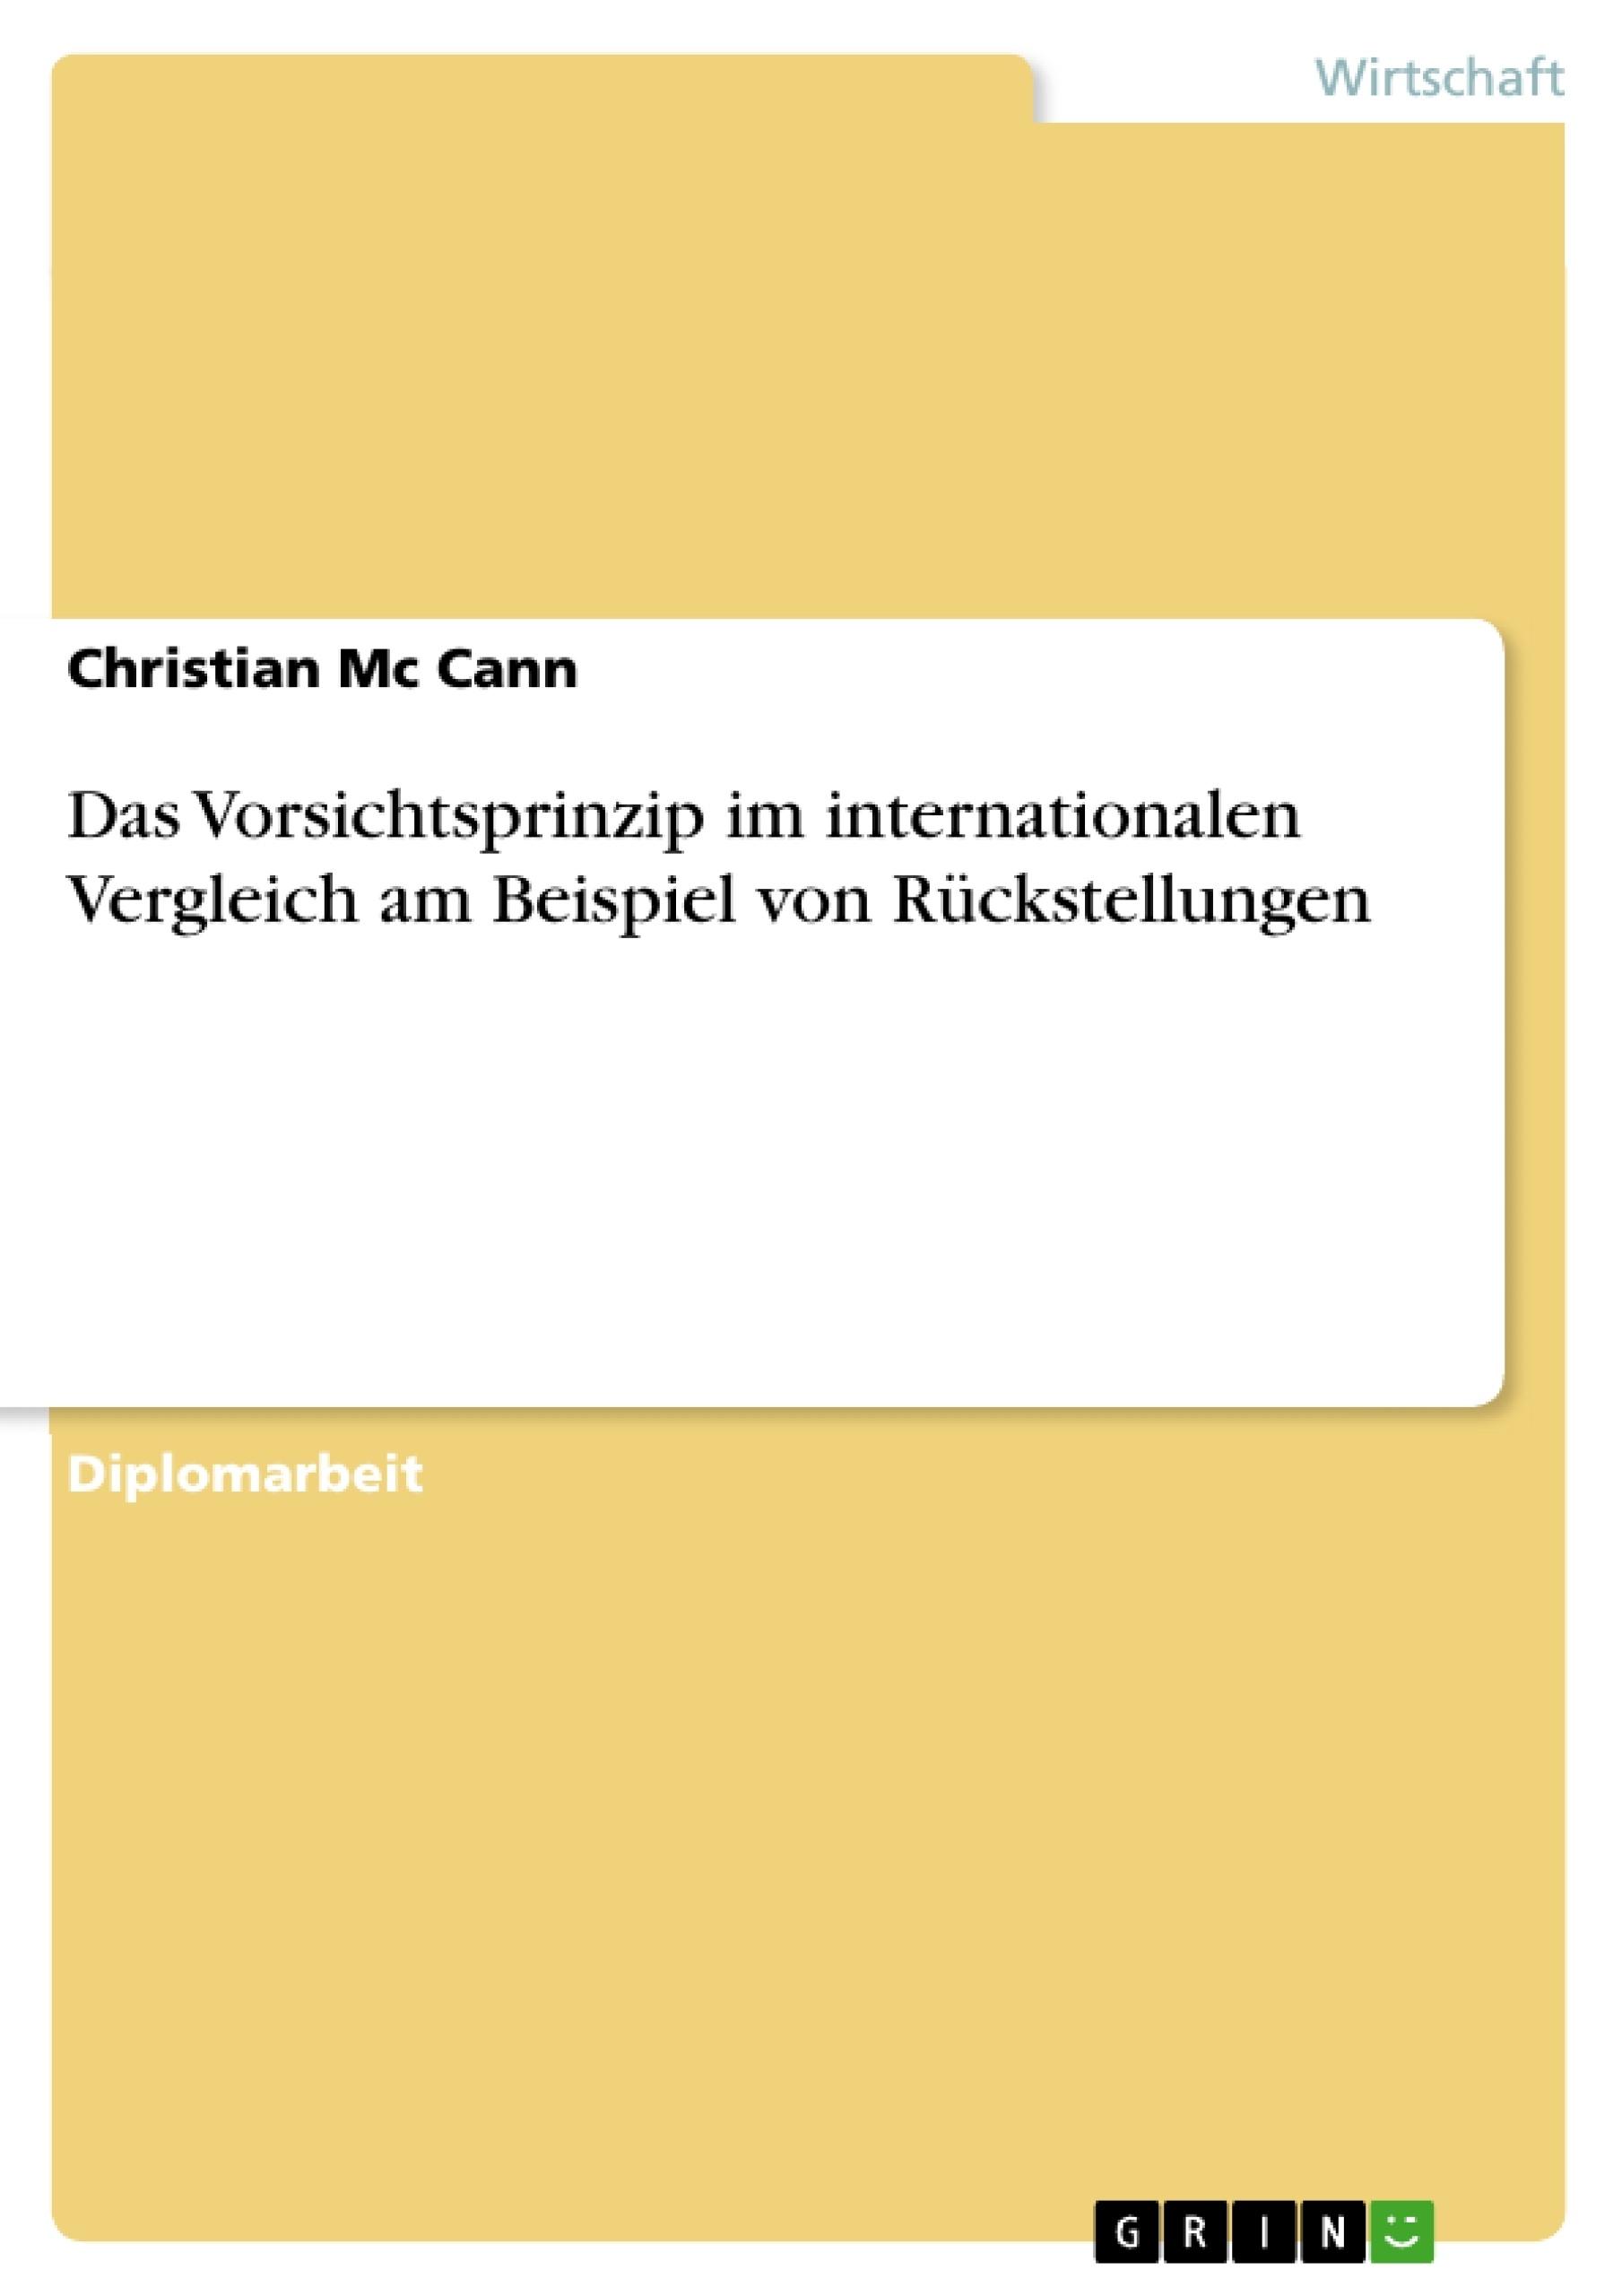 Titel: Das Vorsichtsprinzip im internationalen Vergleich am Beispiel von Rückstellungen